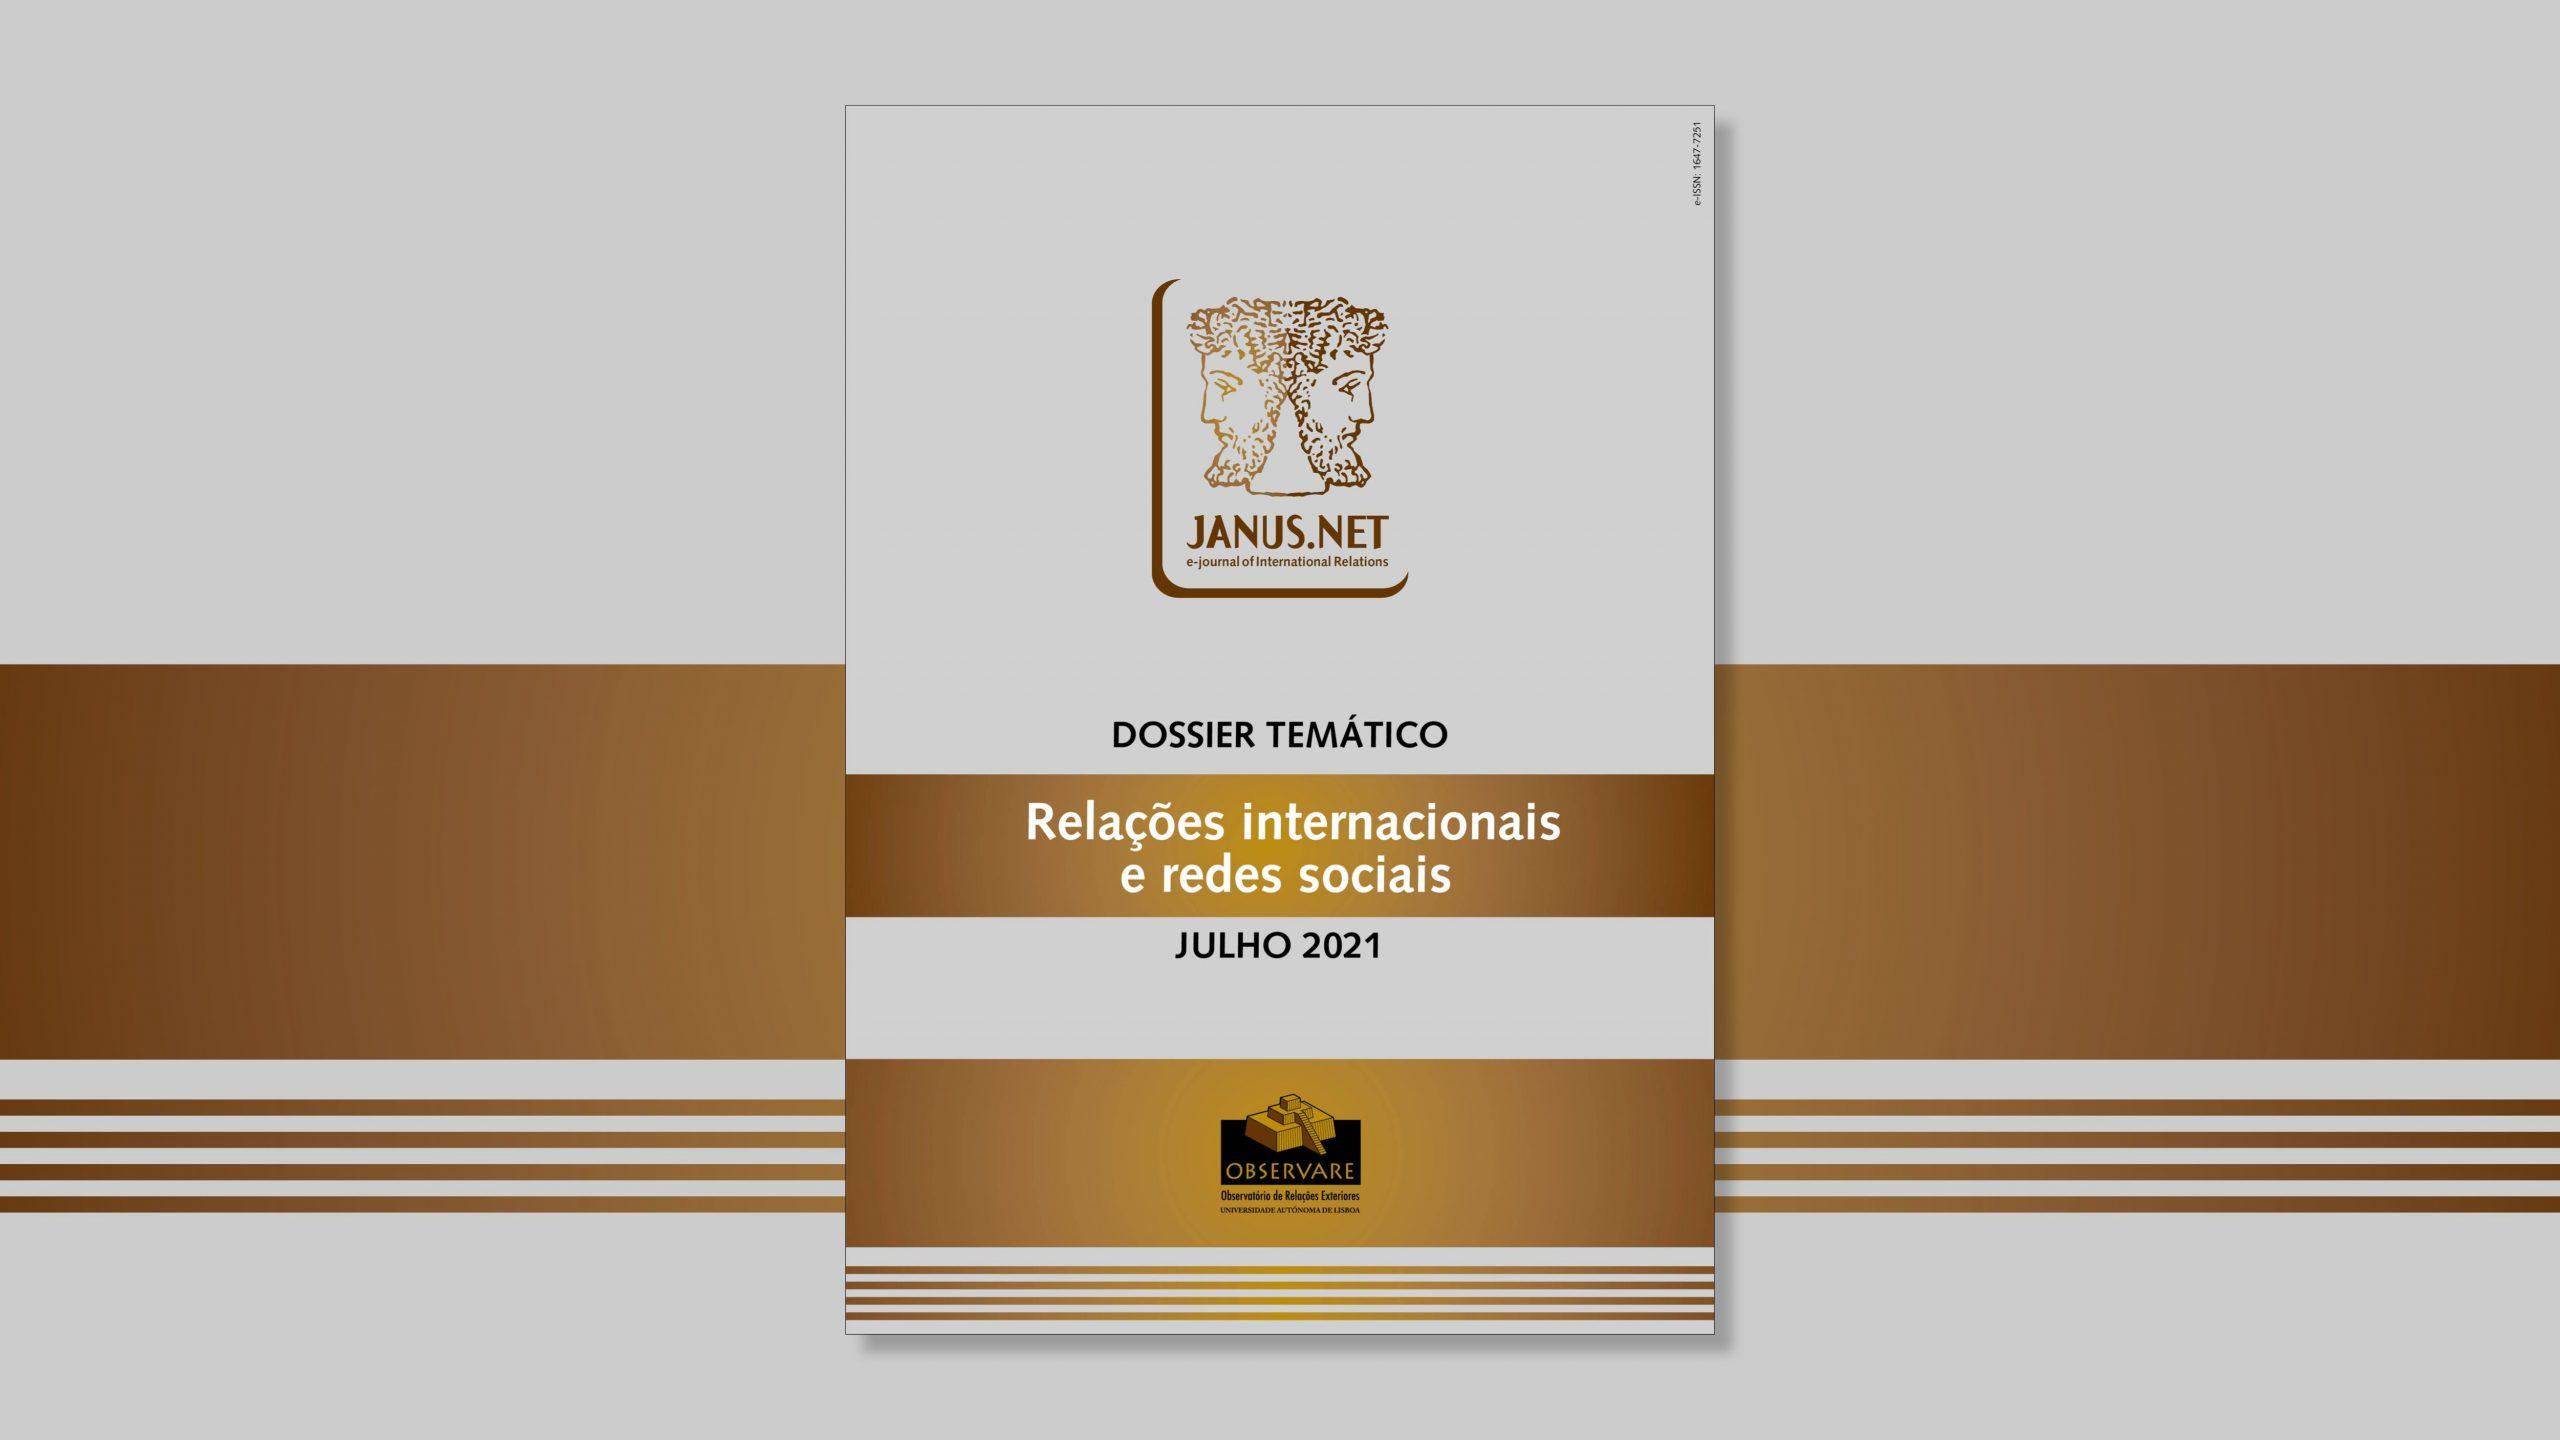 JANUS.NET – DOSSIÊ TEMÁTICO – RELAÇÕES INTERNACIONAIS E REDES SOCIAIS